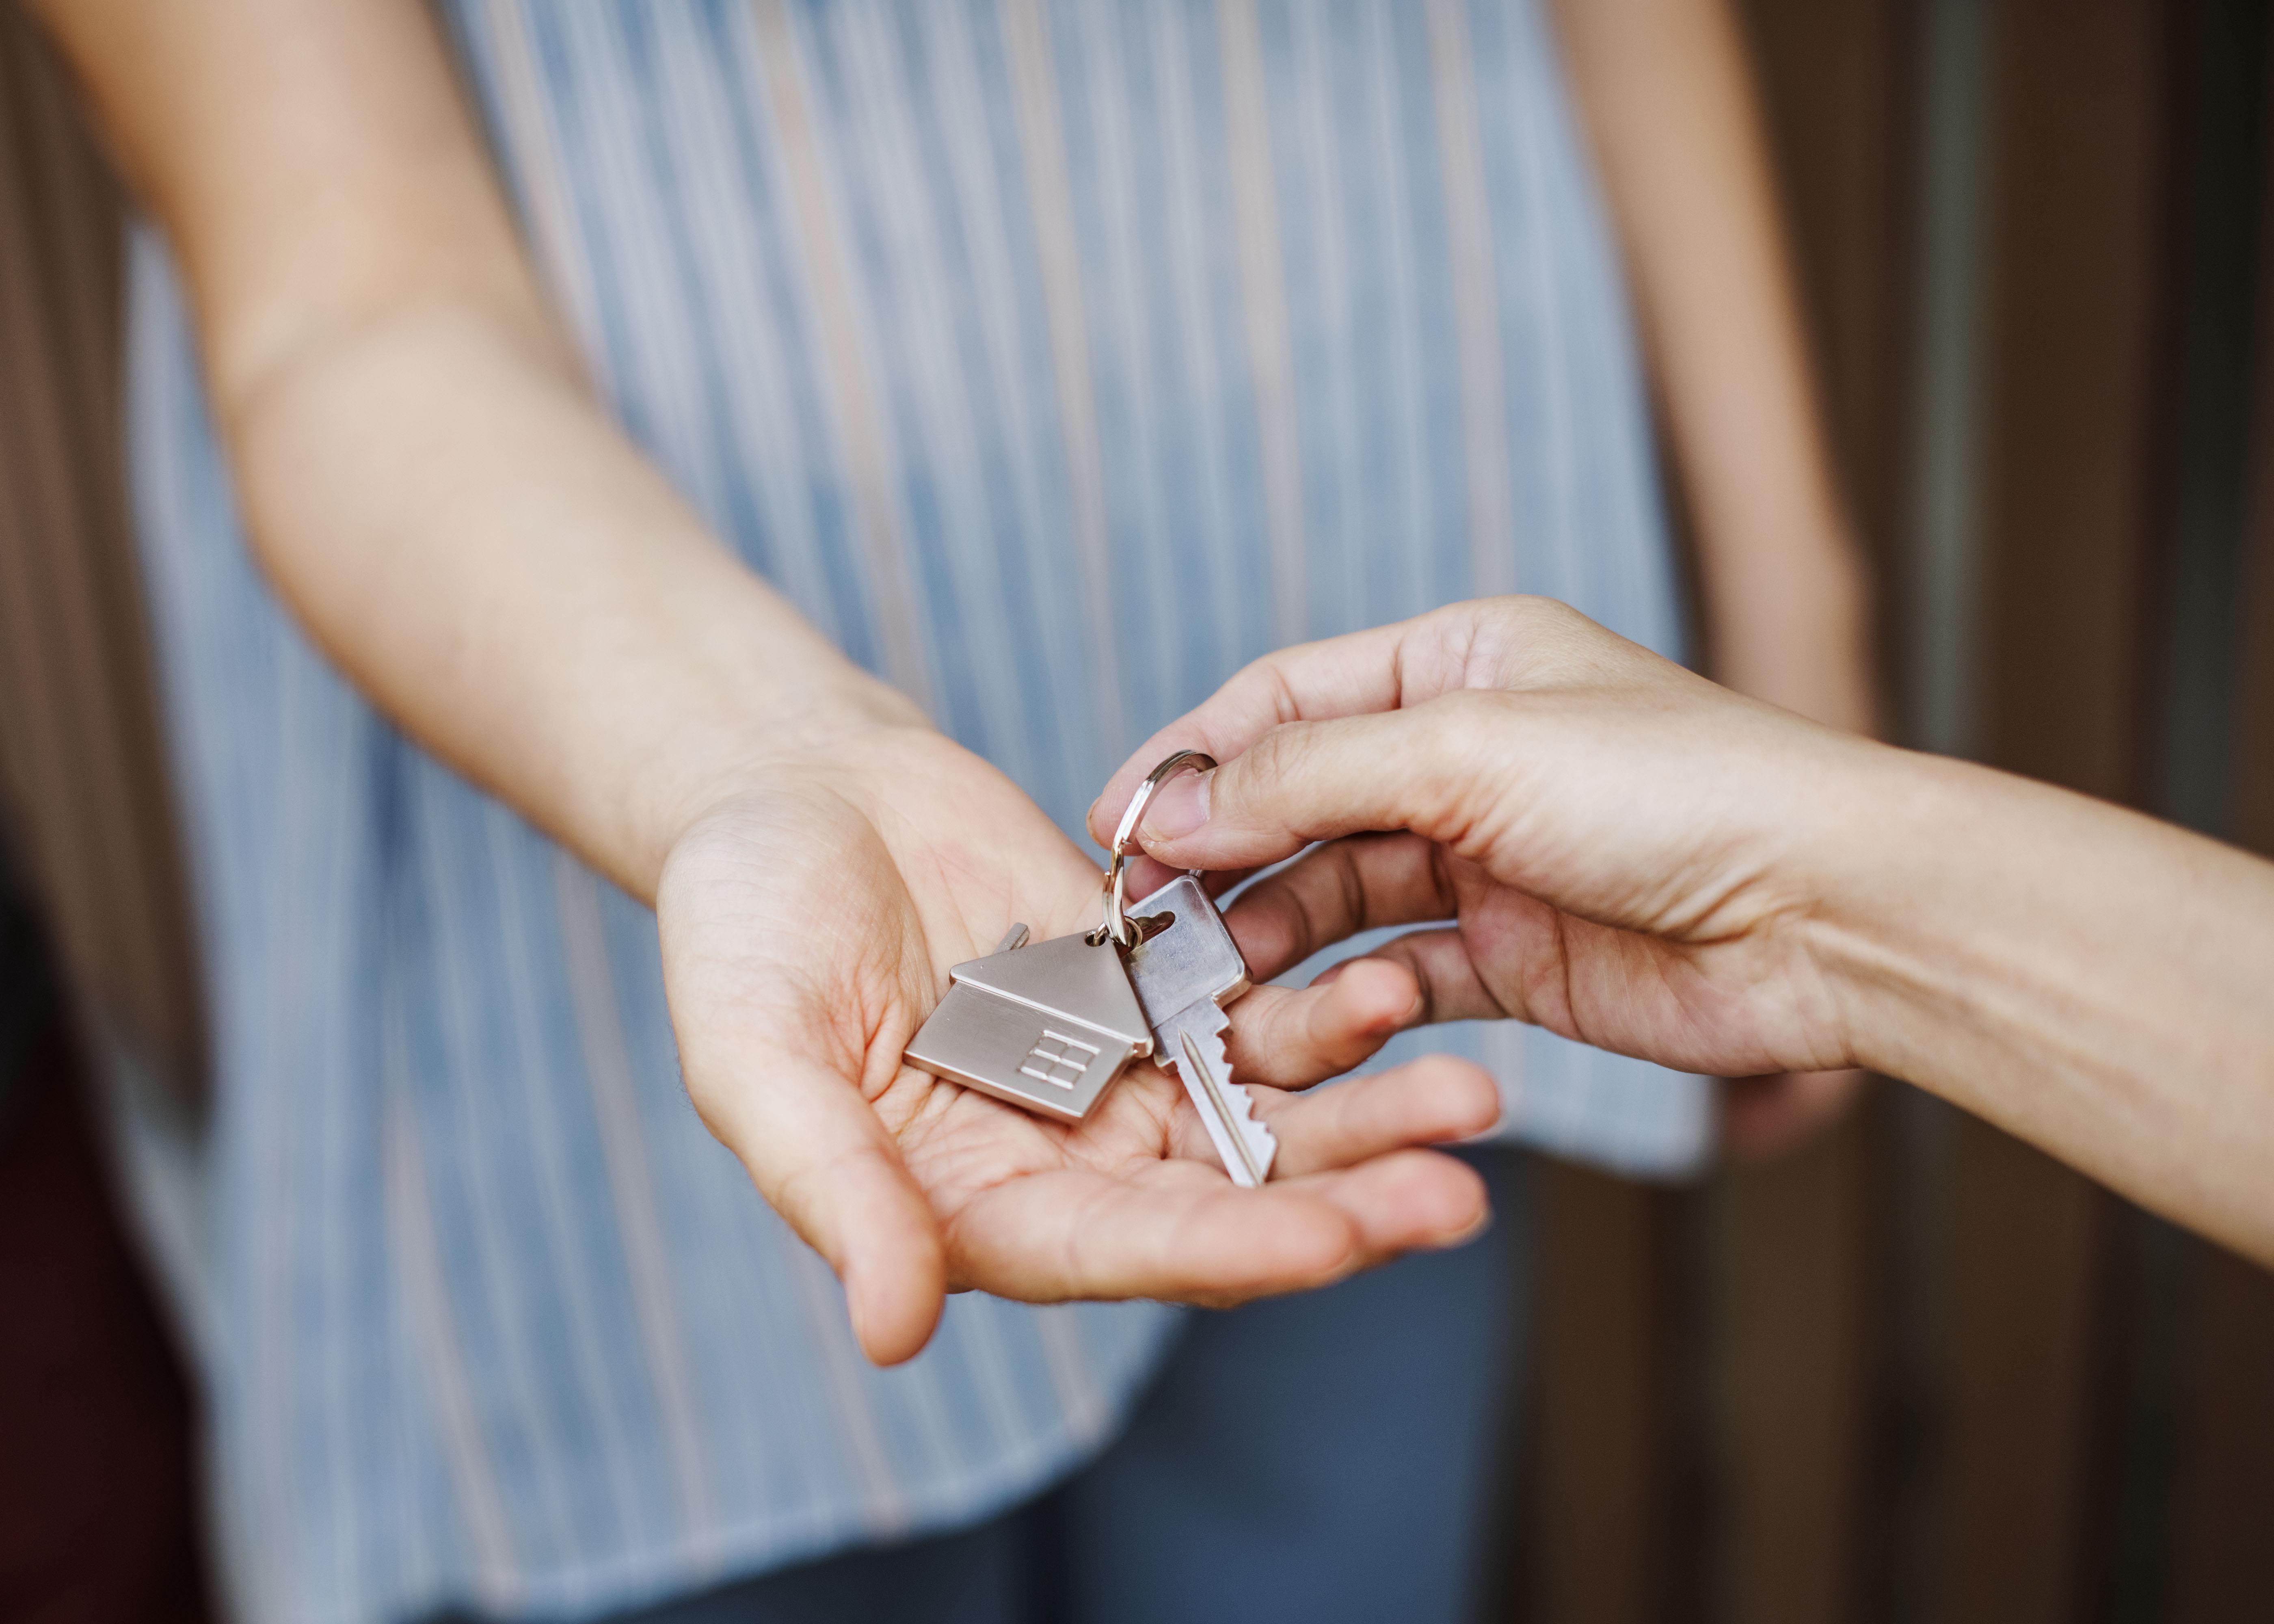 El nuevo Decreto de Depósito de Fianzas de Castilla-La Mancha mejorará el mercado de viviendas regional ofreciendo seguridad a propietarios e inquilinos